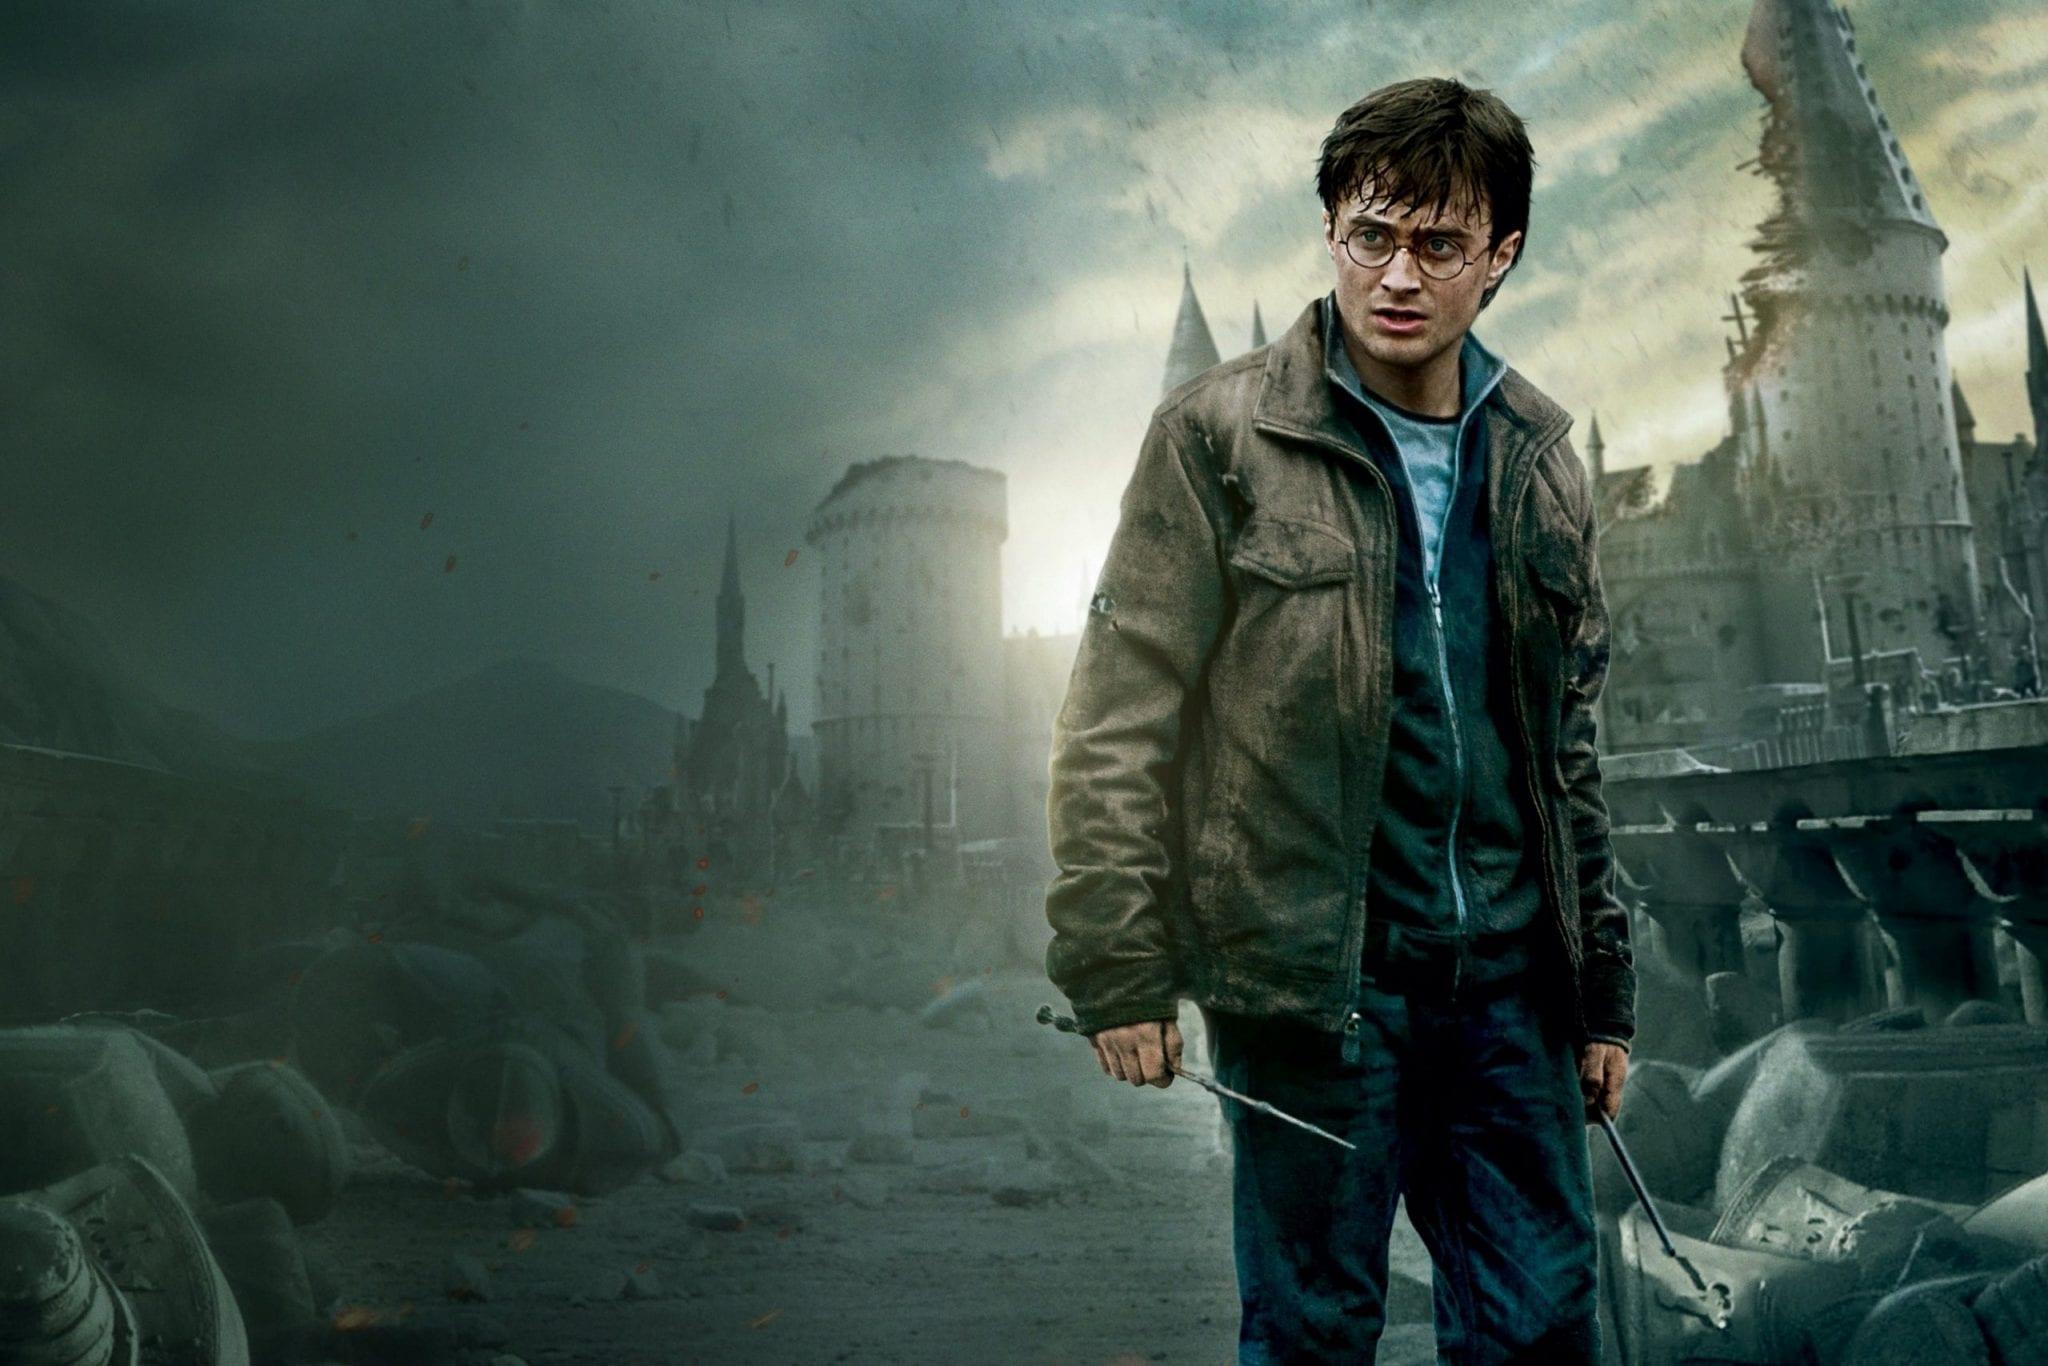 CinemaTivu: Harry Potter e i Doni della Morte – Parte 2 (Usa/Uk 2011), con Daniel Radcliffe, Rupert Grint ed Emma Watson, in prime time su Italia1